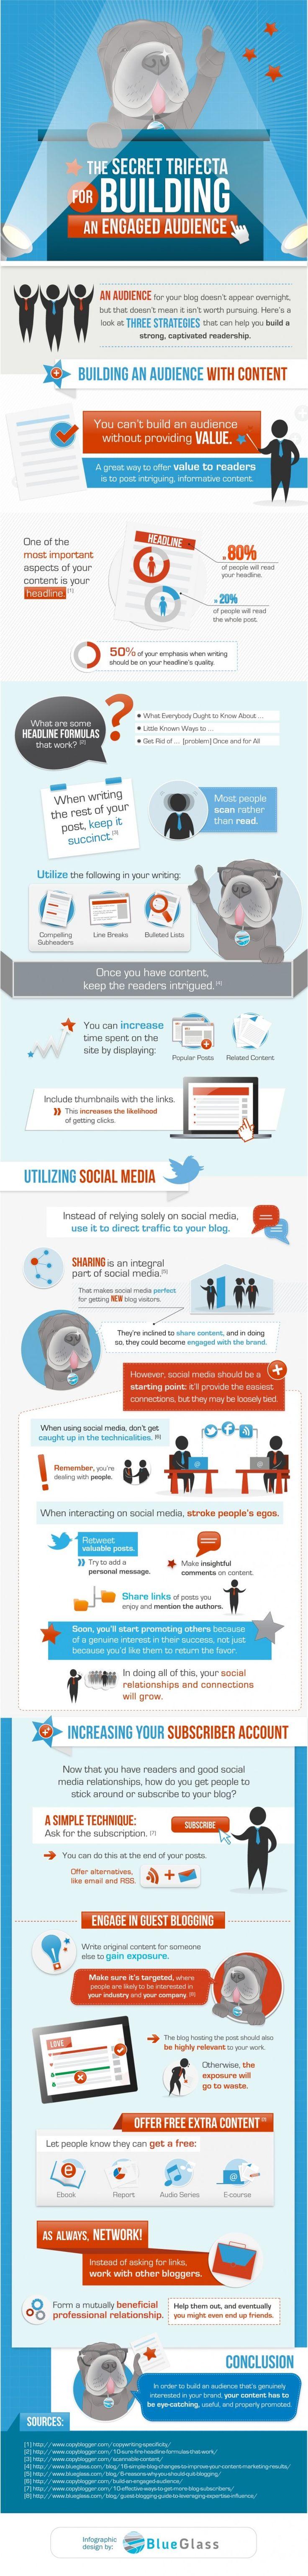 Инфографика: как создать и удержать вовлеченную аудиторию.